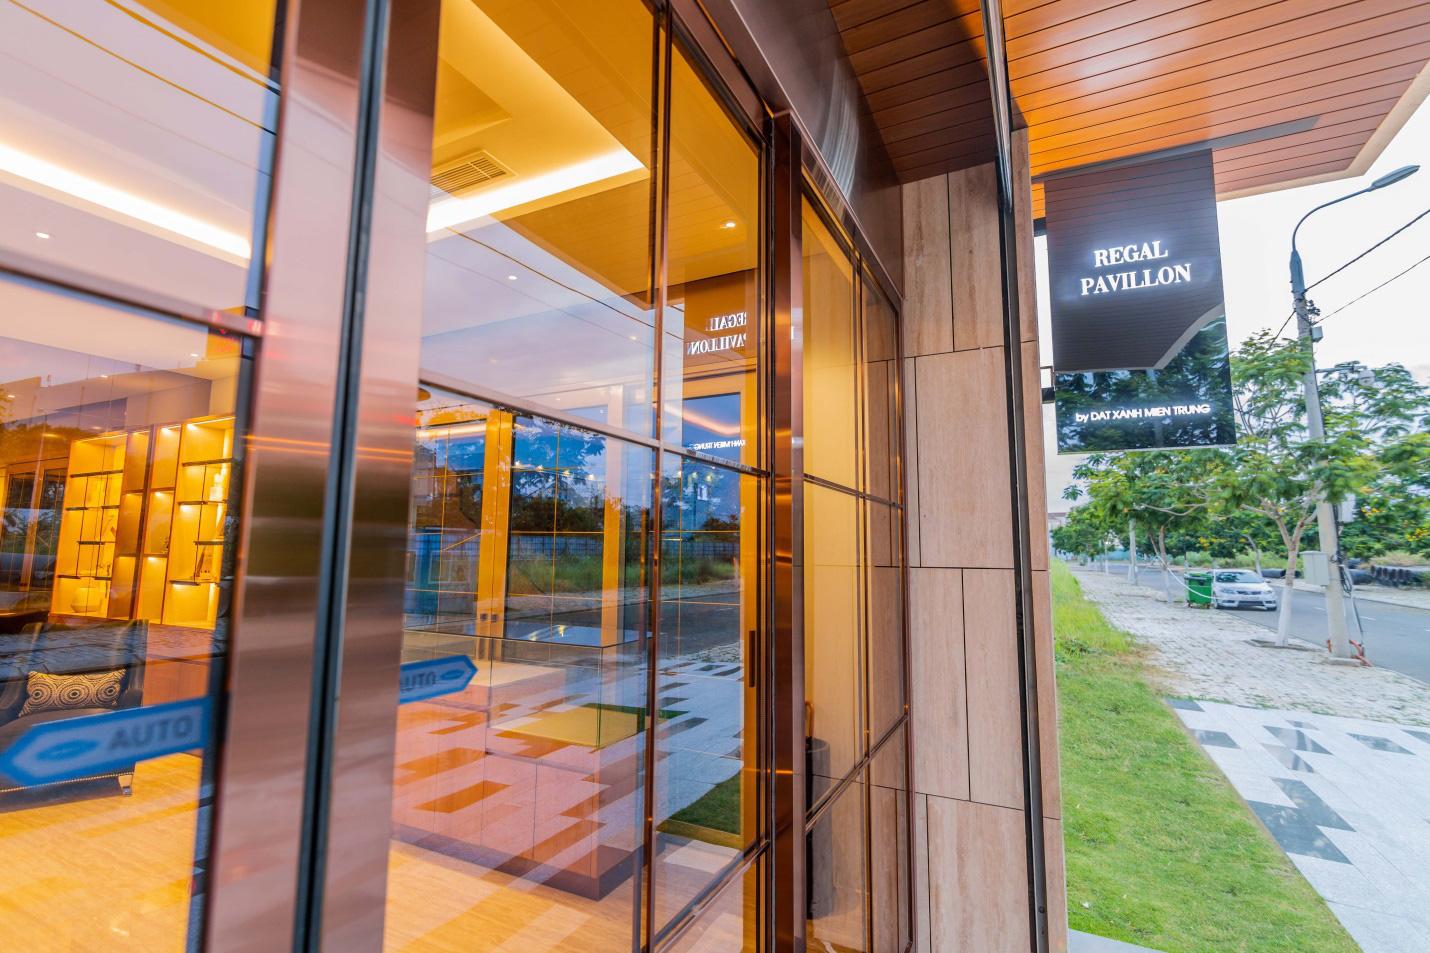 Từ hôm nay, Regal Pavillon Da Nang của Đất Xanh Miền Trung đủ điều kiện bán, cho thuê, thuê mua - Ảnh 2.